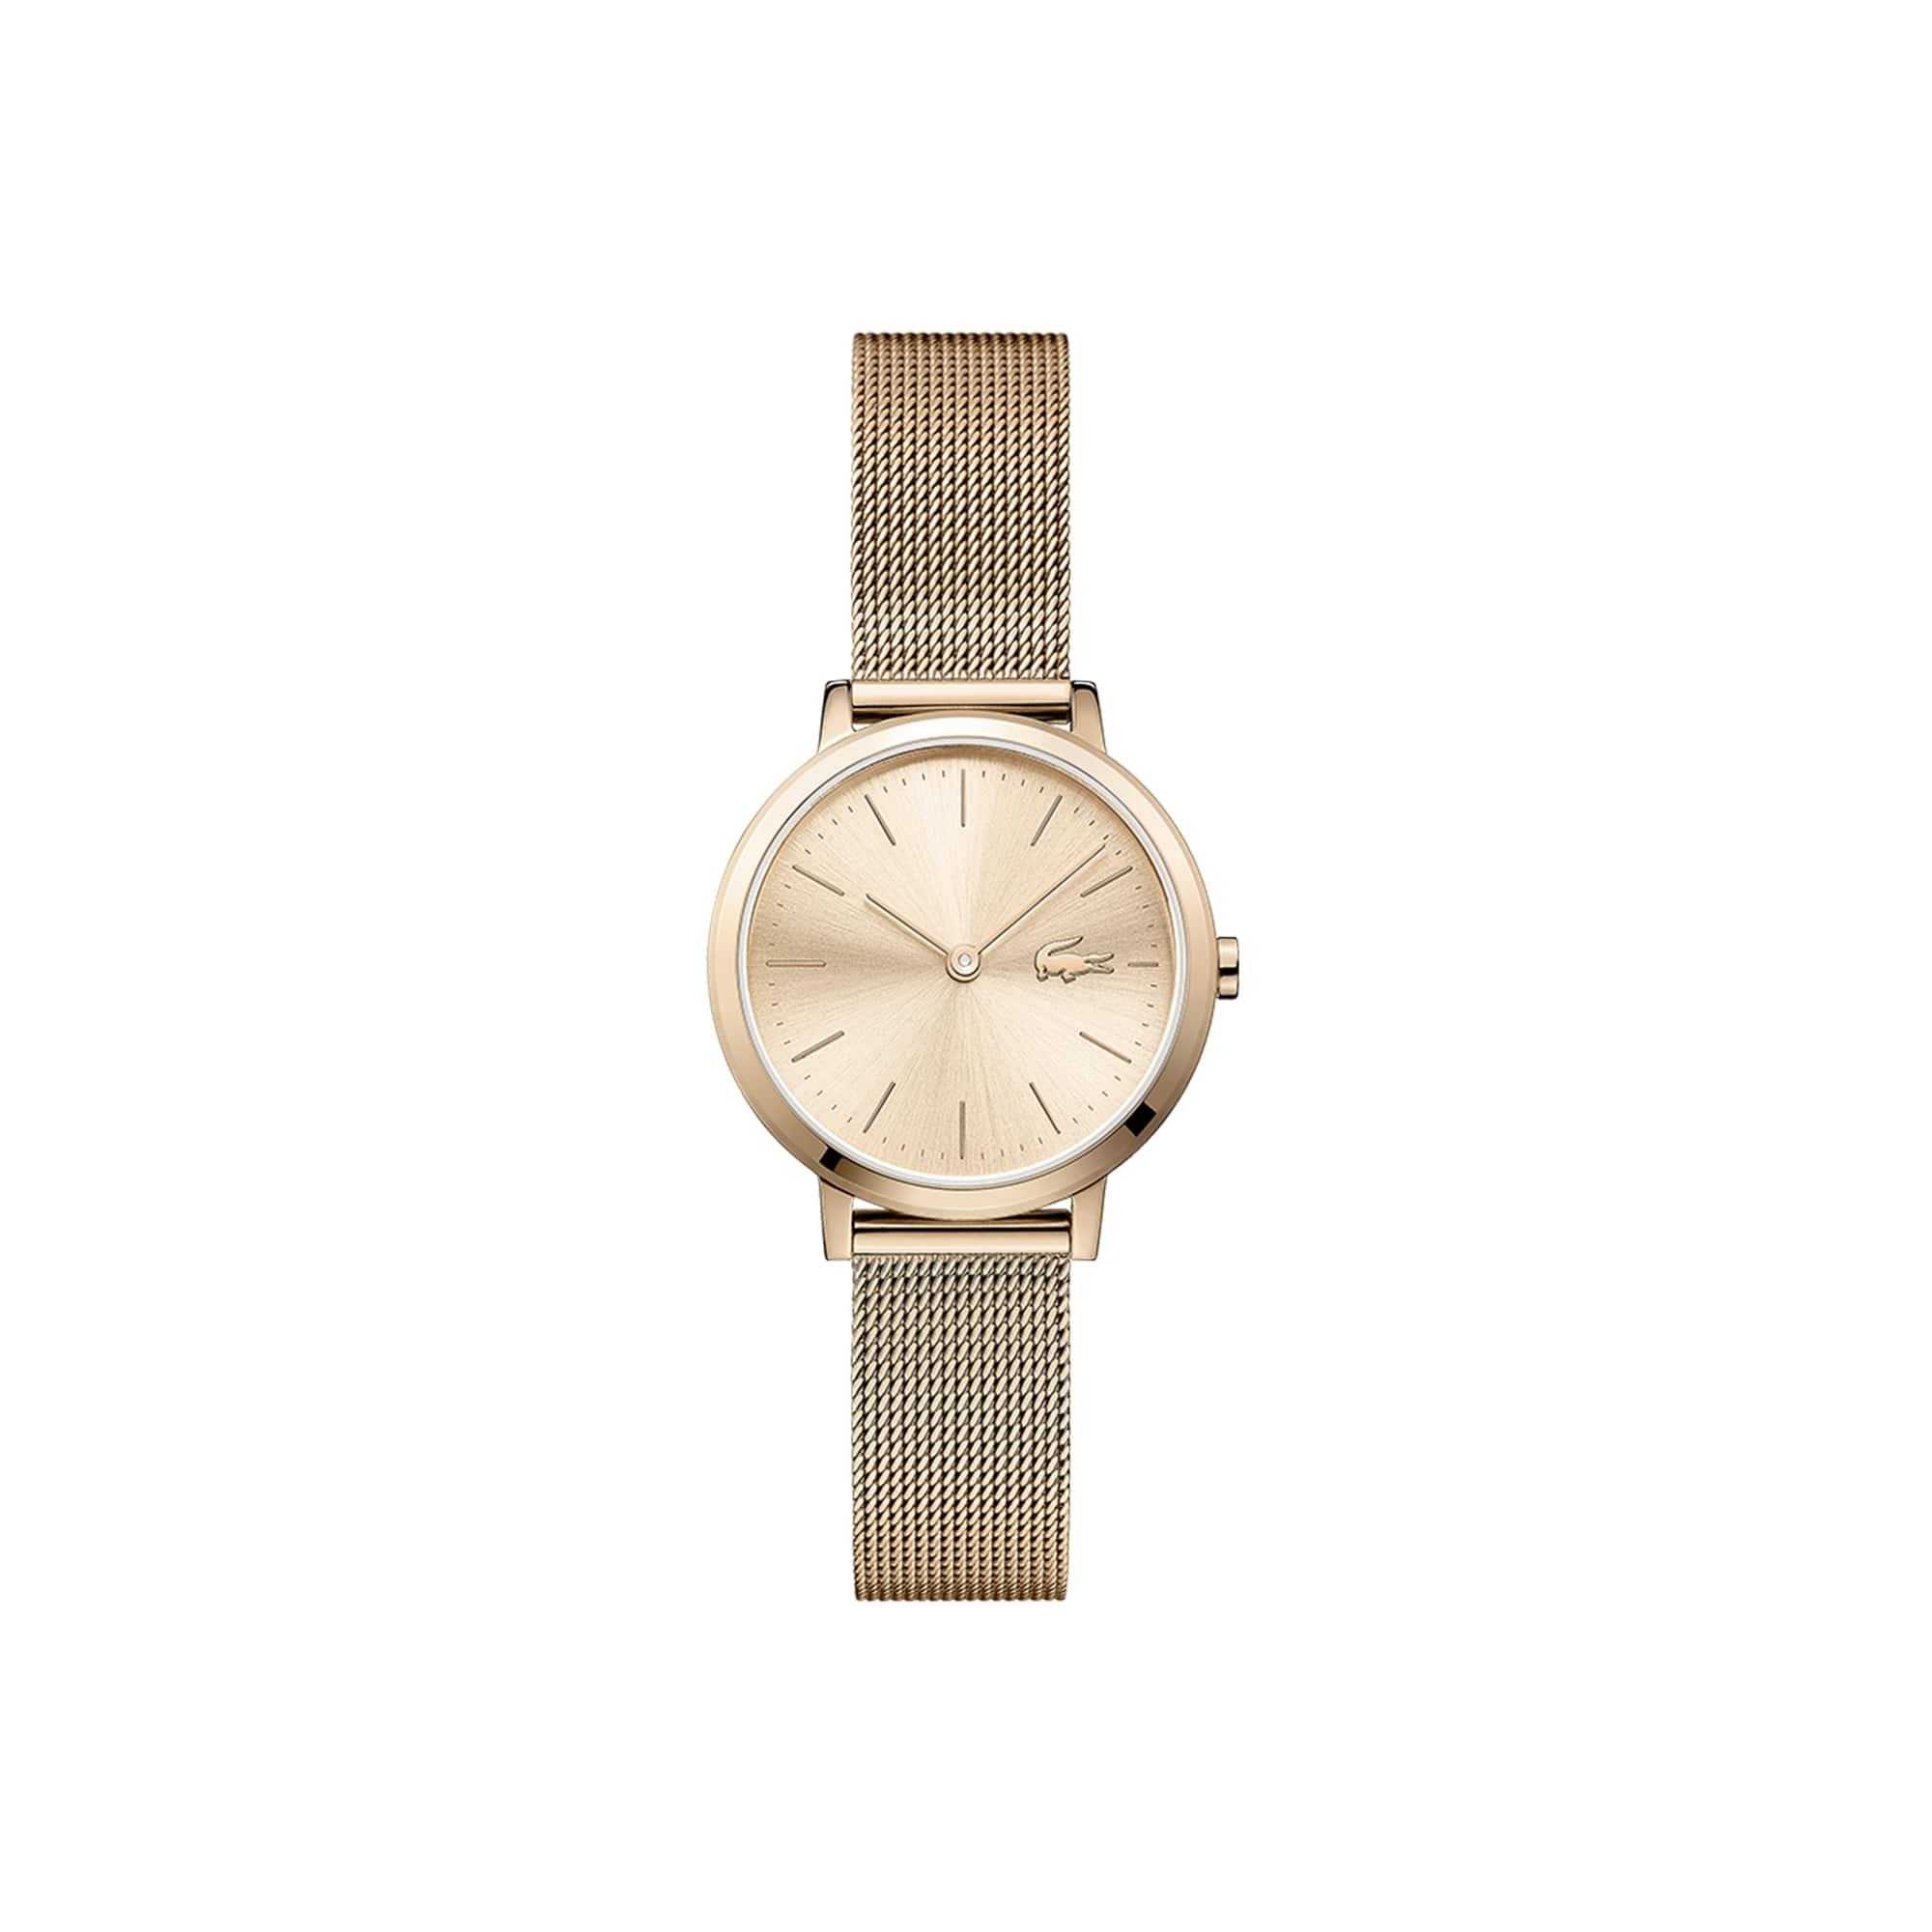 Reloj de Mujer Mini Moon Ultrafino con Pulsera de Malla Chapada En Oro Rosa